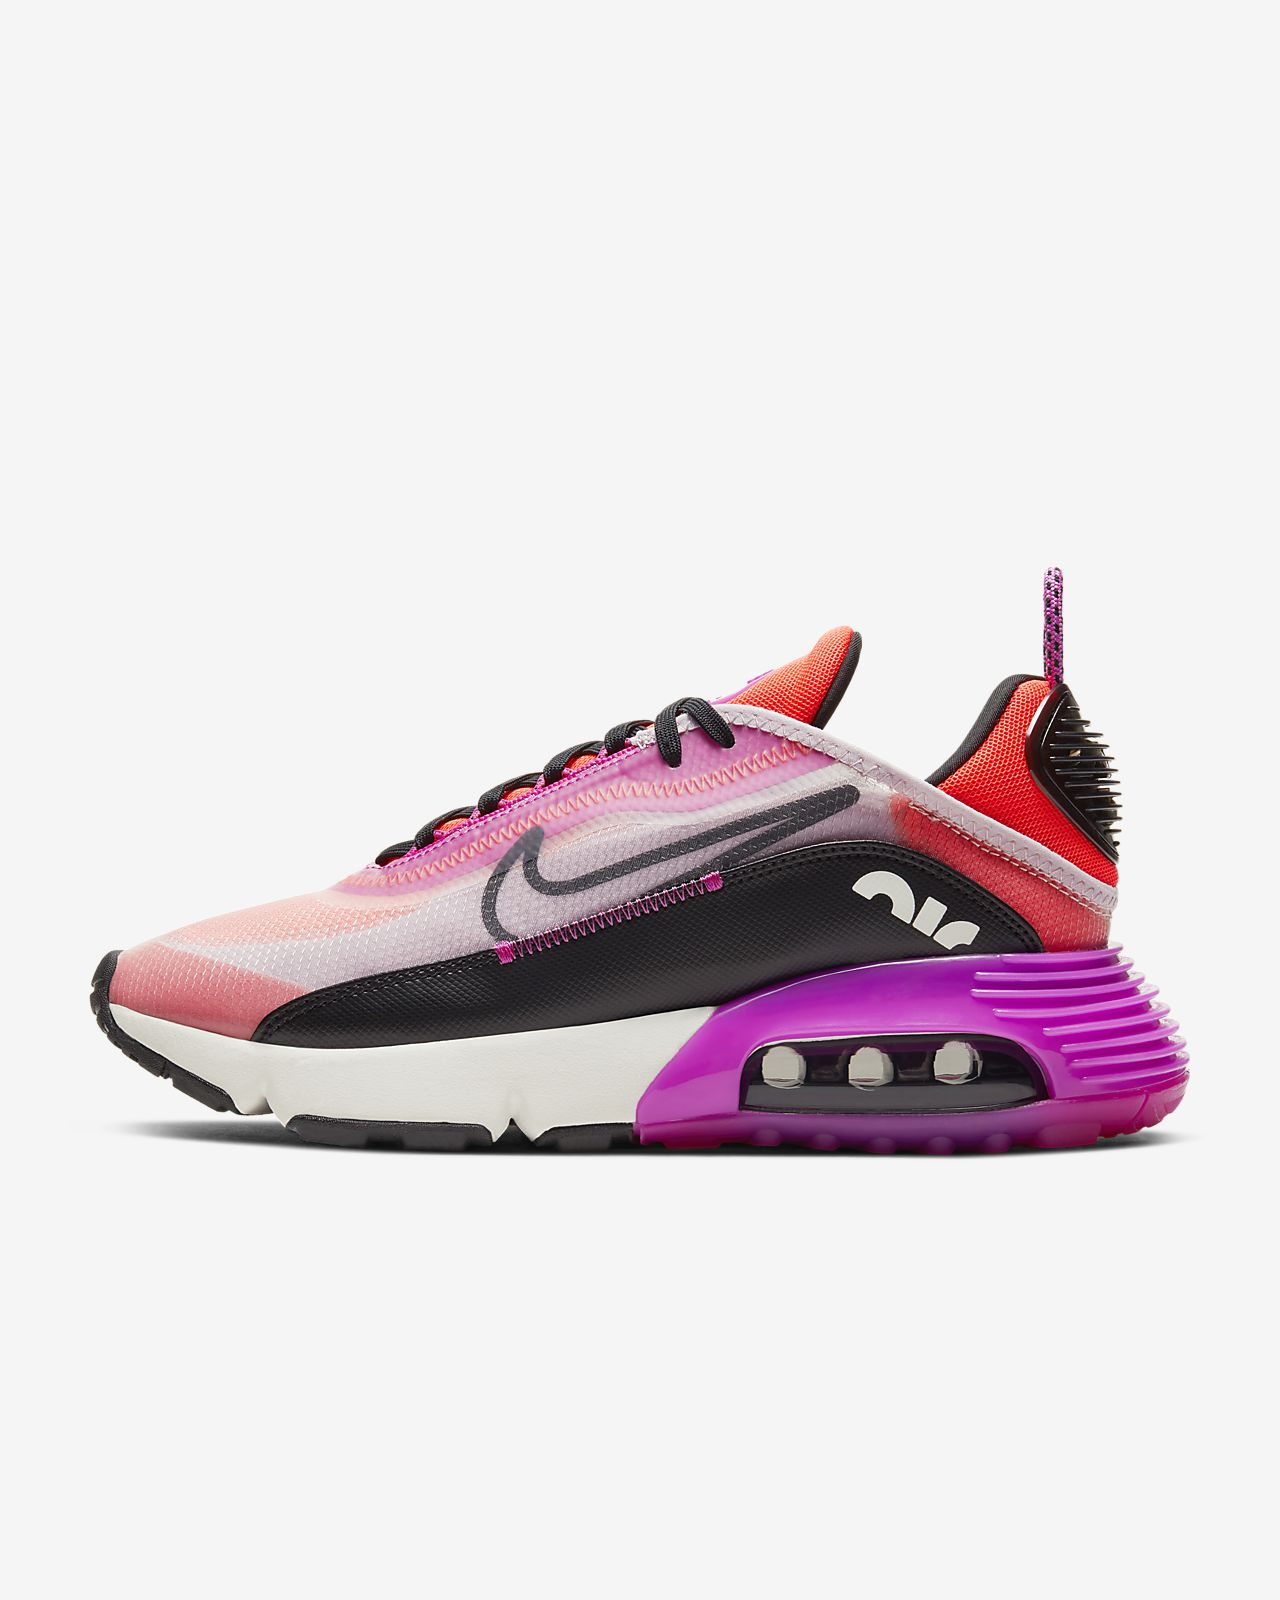 Descubra a nova sapatilha da Nike que se adapta ao seu pé